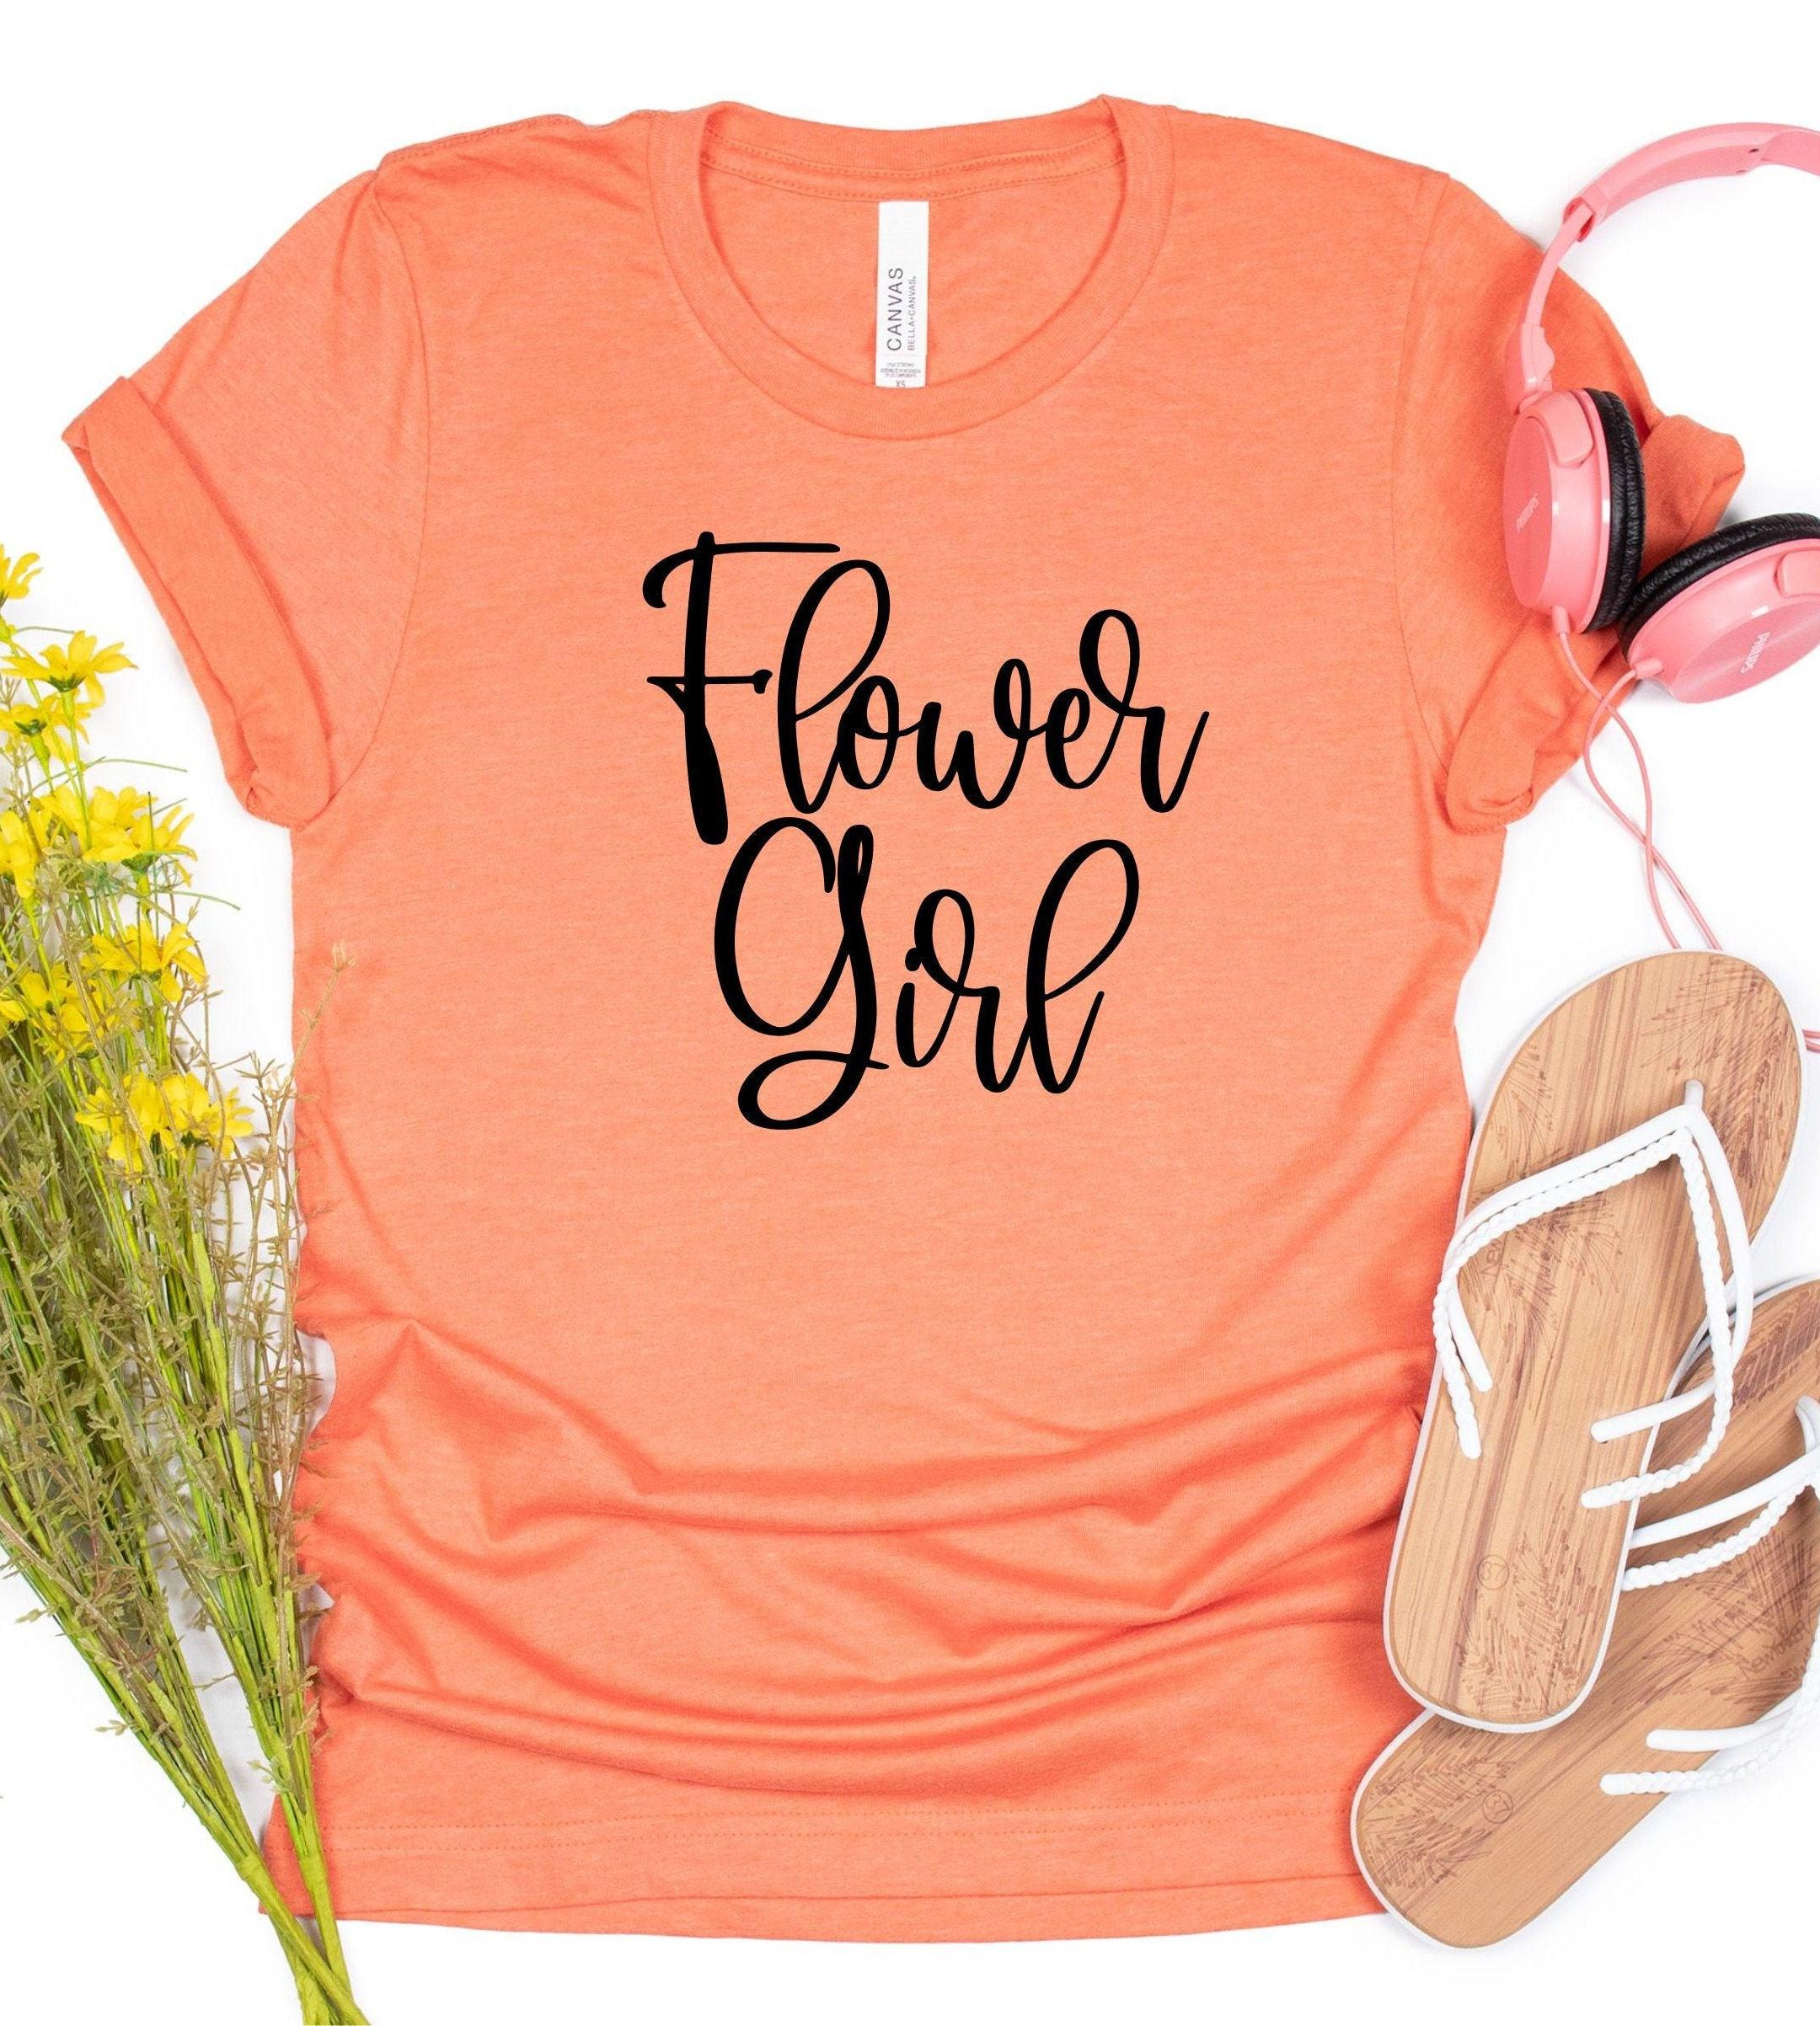 Flower-girl-svg-squad-svg-bridesmaid-svg-bridal-party-svg-bride-svg-wedding-svg-design-bachelorette-svg-design-bridesmaid-cricut-svg-600a142a